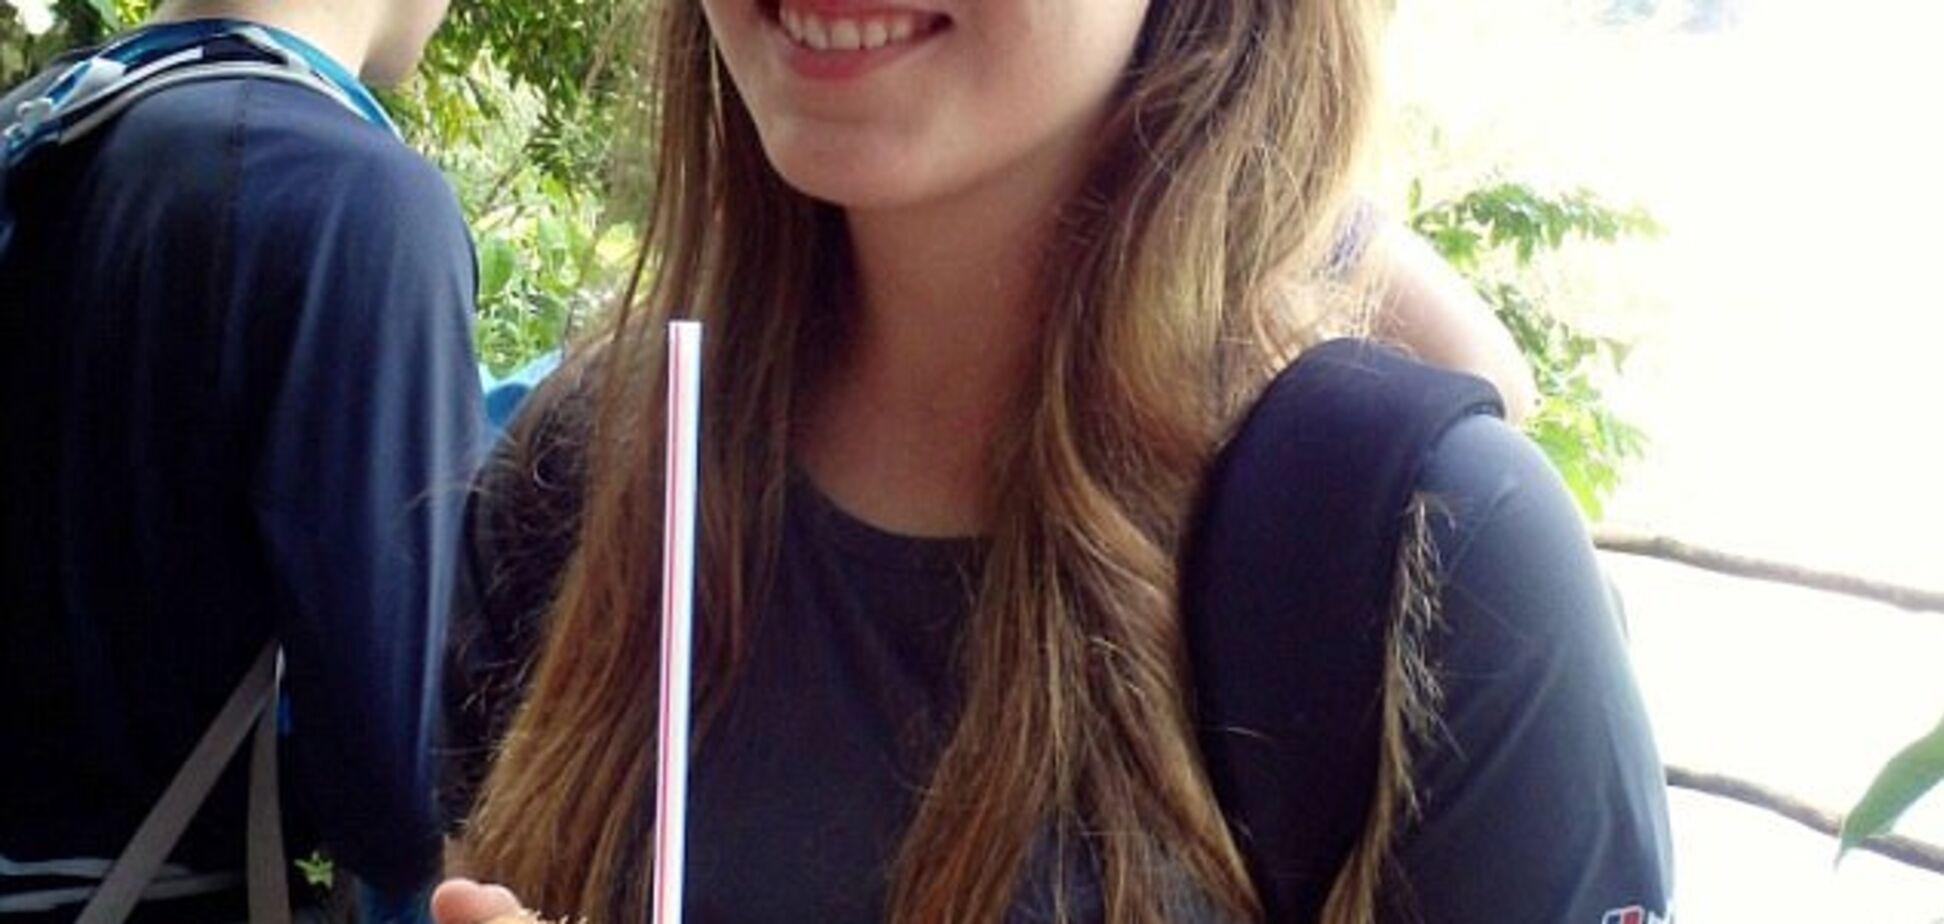 Мама не розпізнала вчасно: 17-річна дівчина 'згоріла' всього за добу від небезпечної інфекції